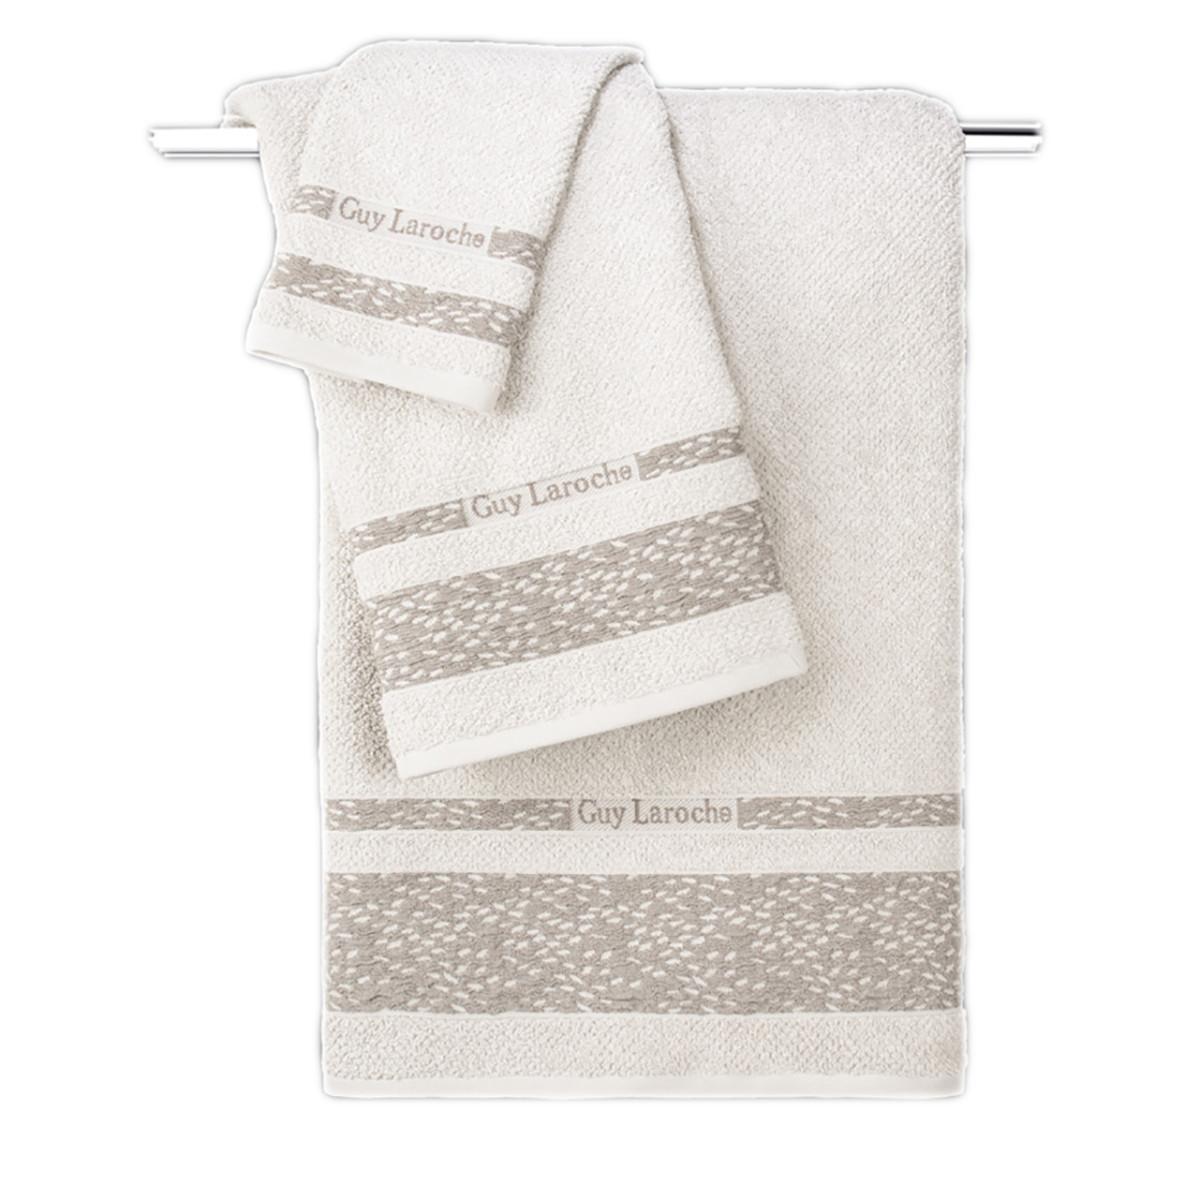 Πετσέτες Μπάνιου (Σετ 3τμχ) Guy Laroche Anton Cream